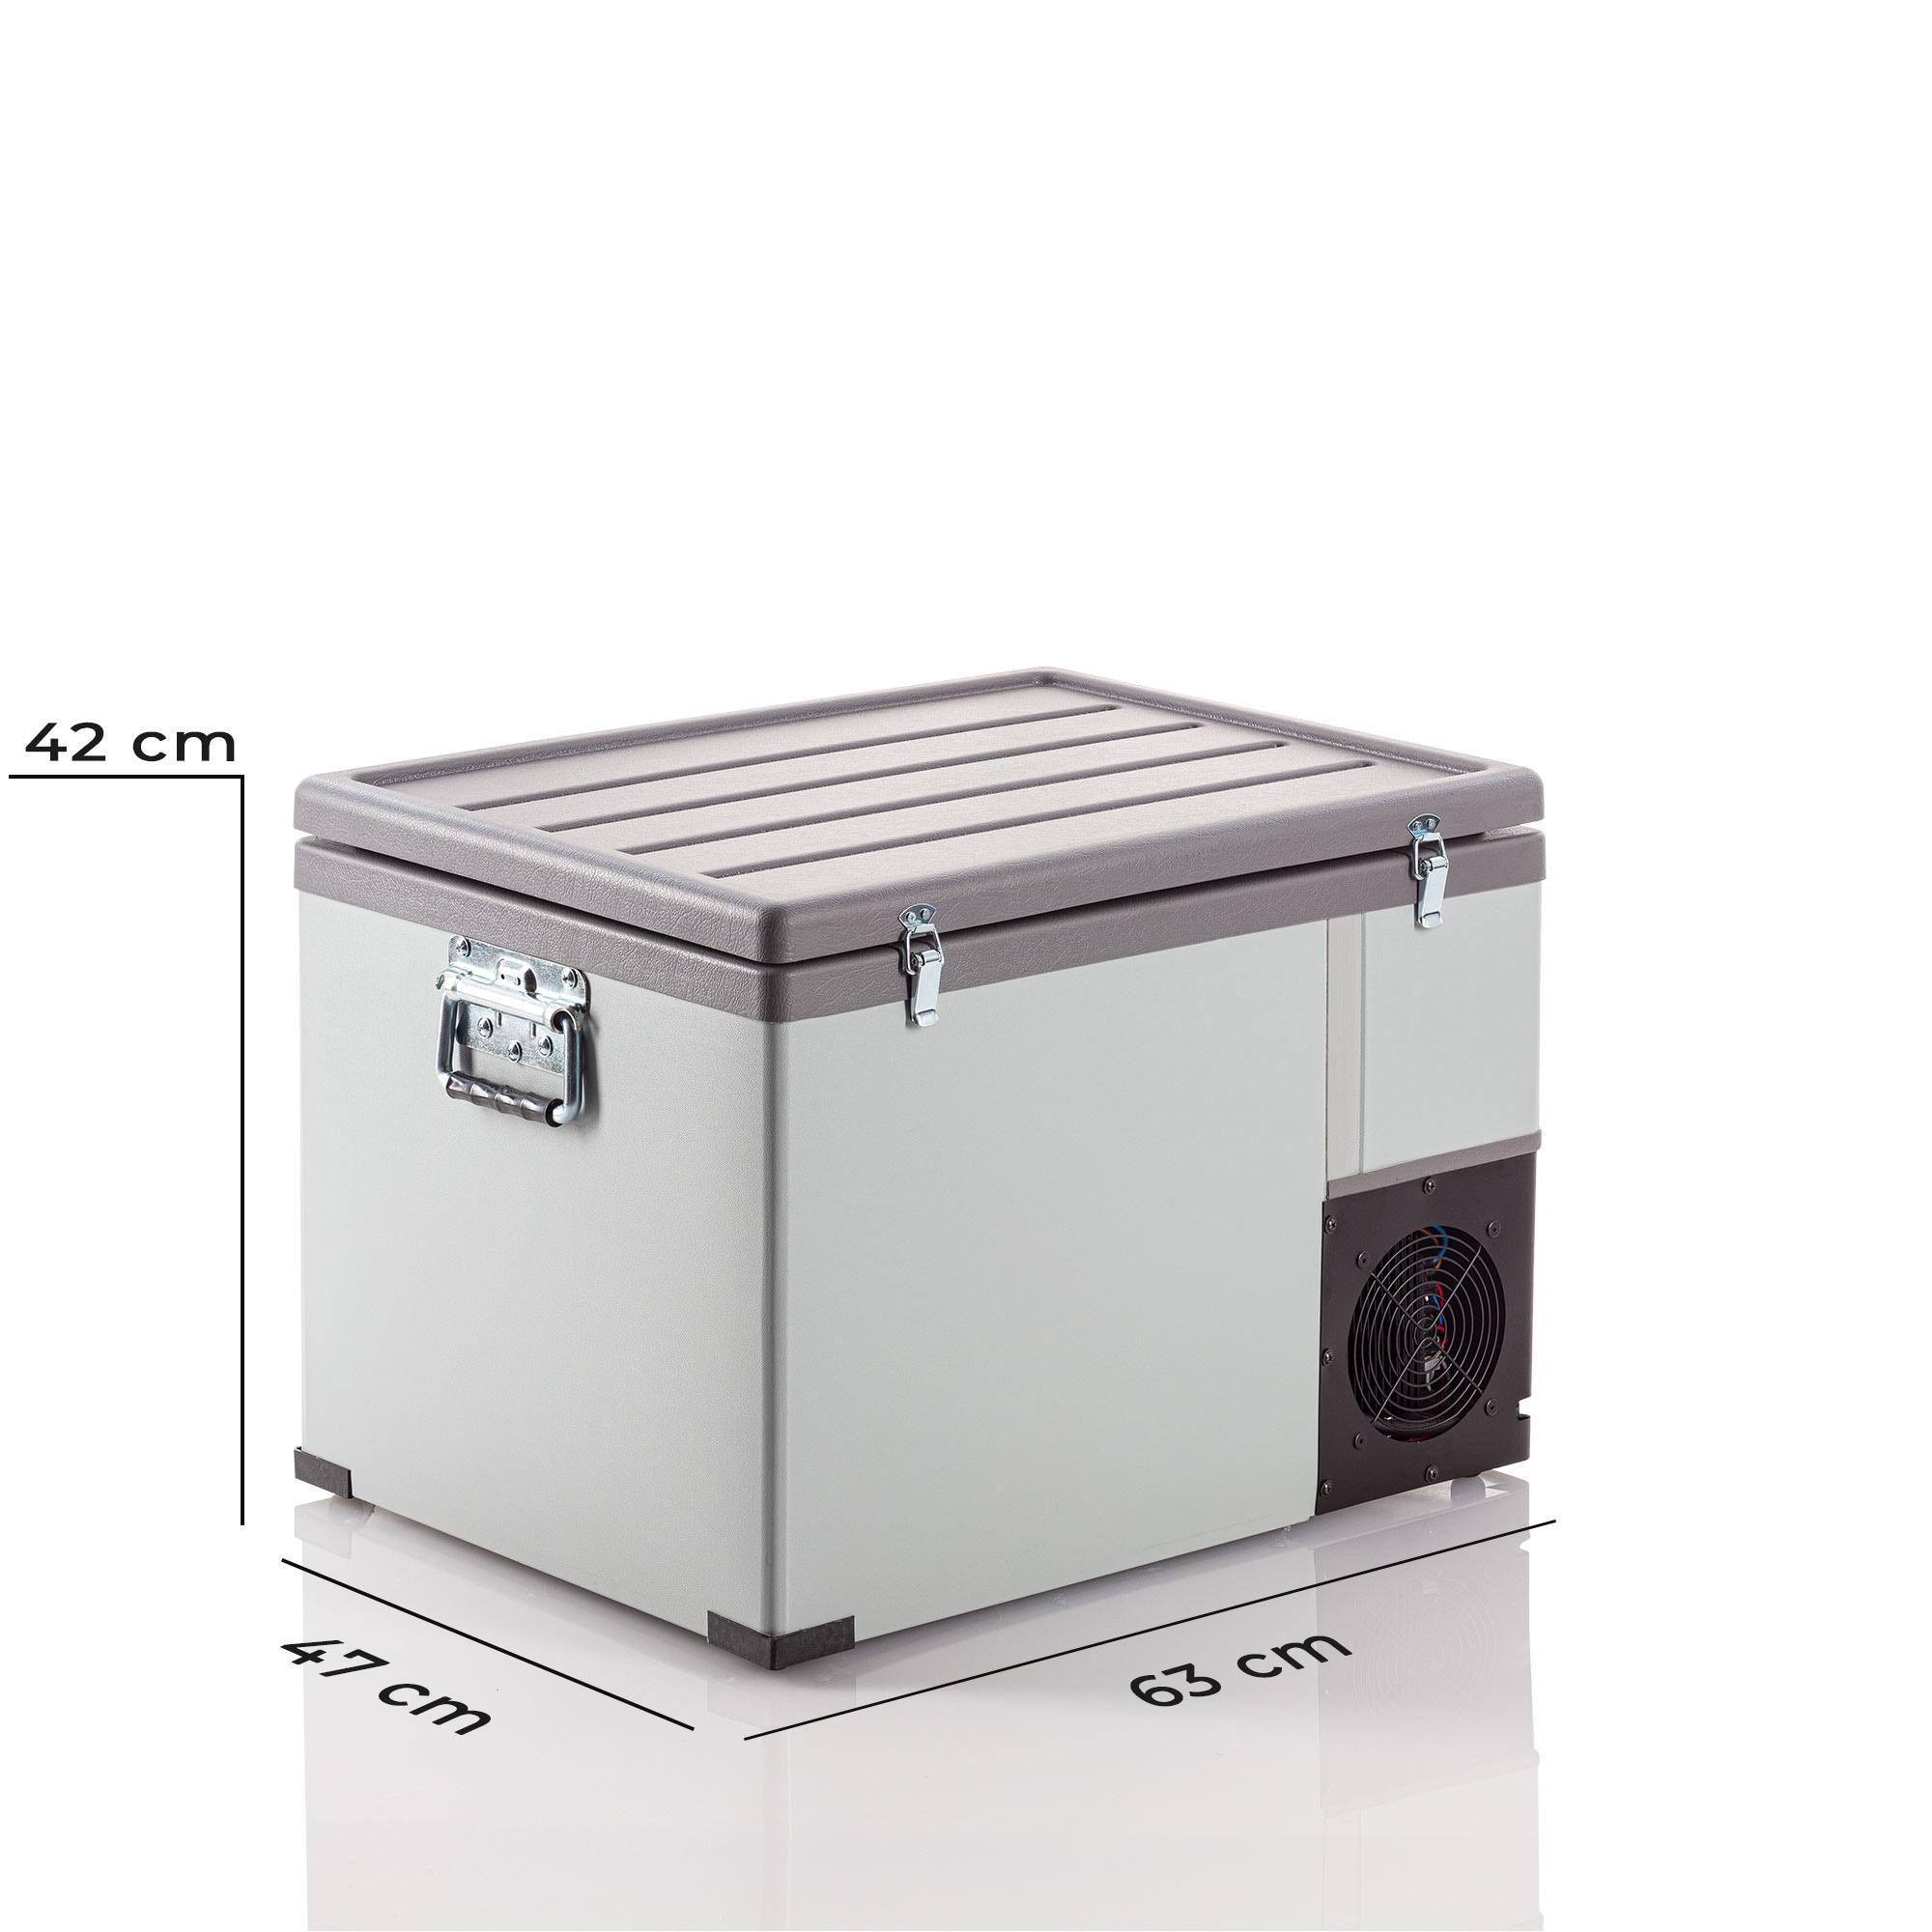 MEC 4444 40 LT Soğutucu Araç Buzdolabı